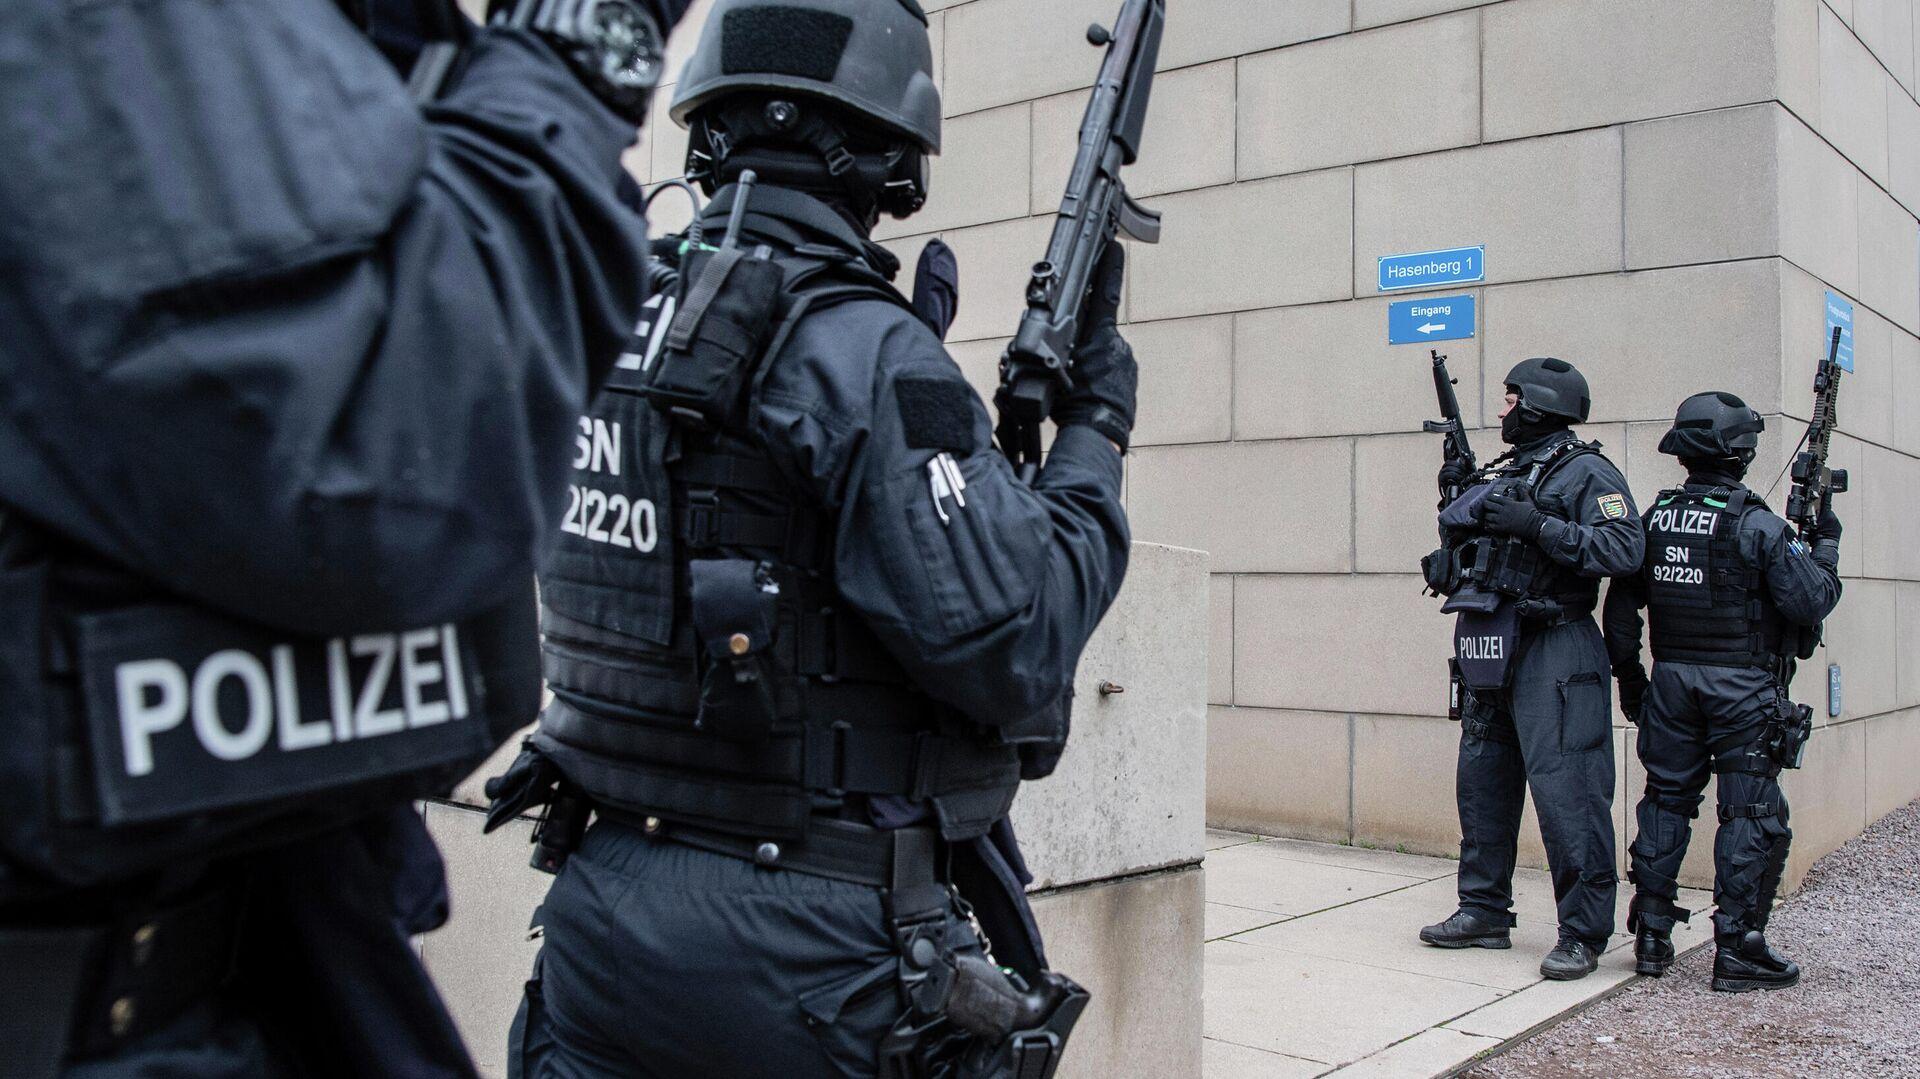 Полицейские в Германии - РИА Новости, 1920, 06.10.2020